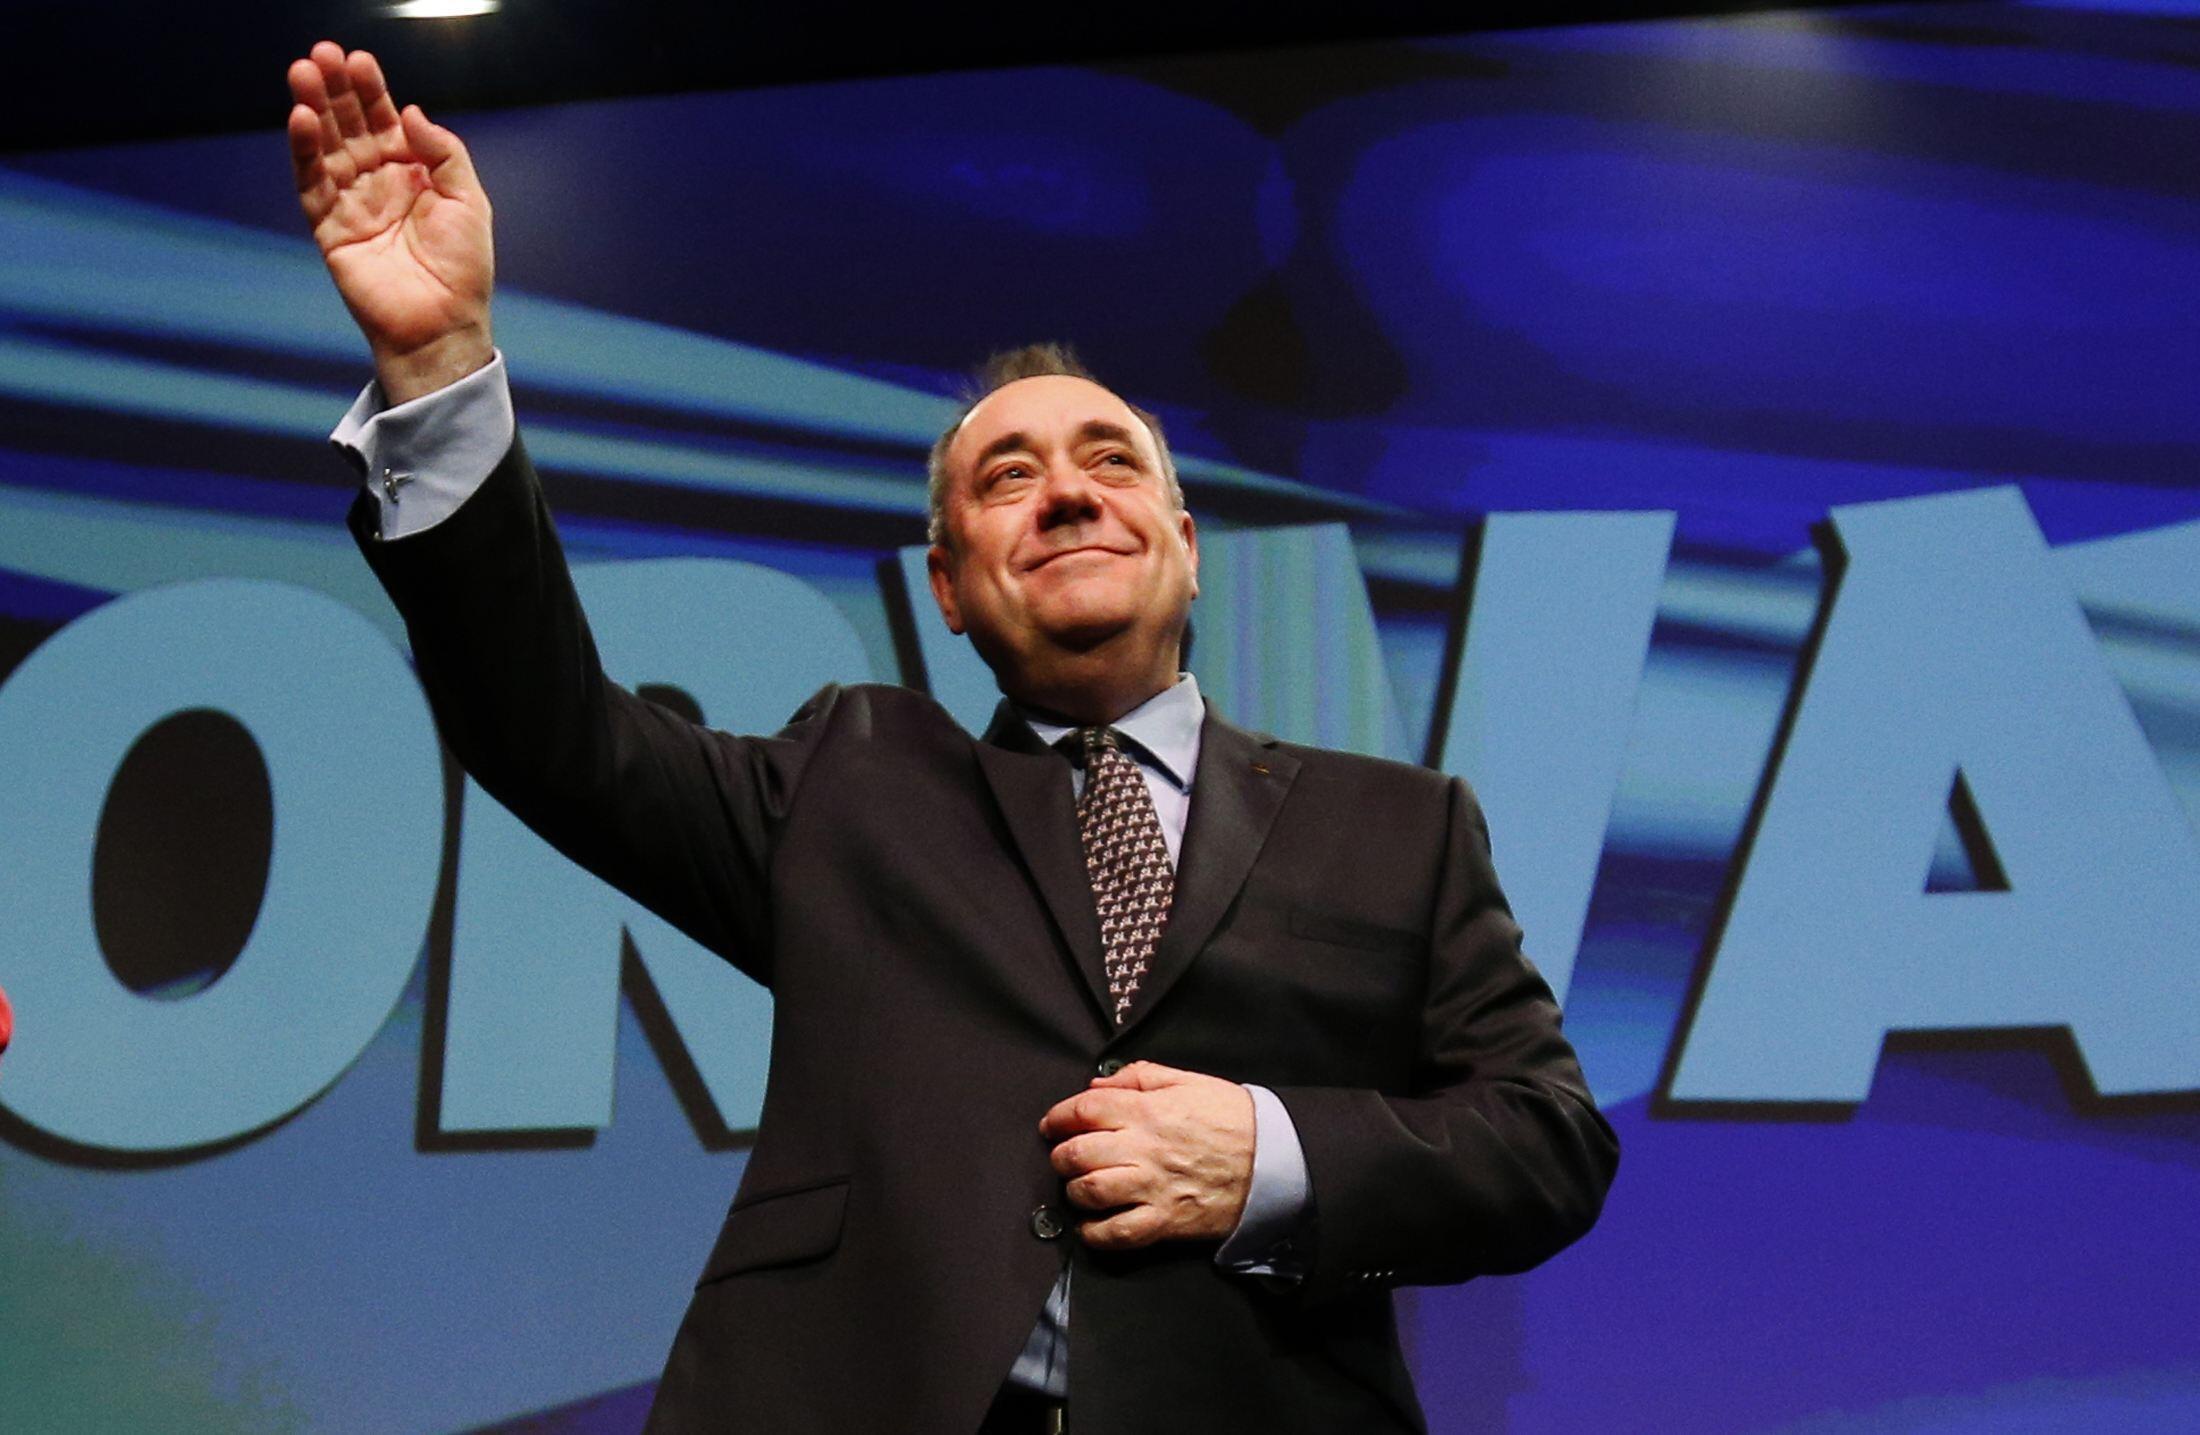 Le Premier ministre écossais Alex Salmond devant un millier de partisans réunis pour le dernier congrès de son Parti national écossais (SNP) avant le référendum du 18 septembre prochain. (Aberdeen, le 12 avril 2014).